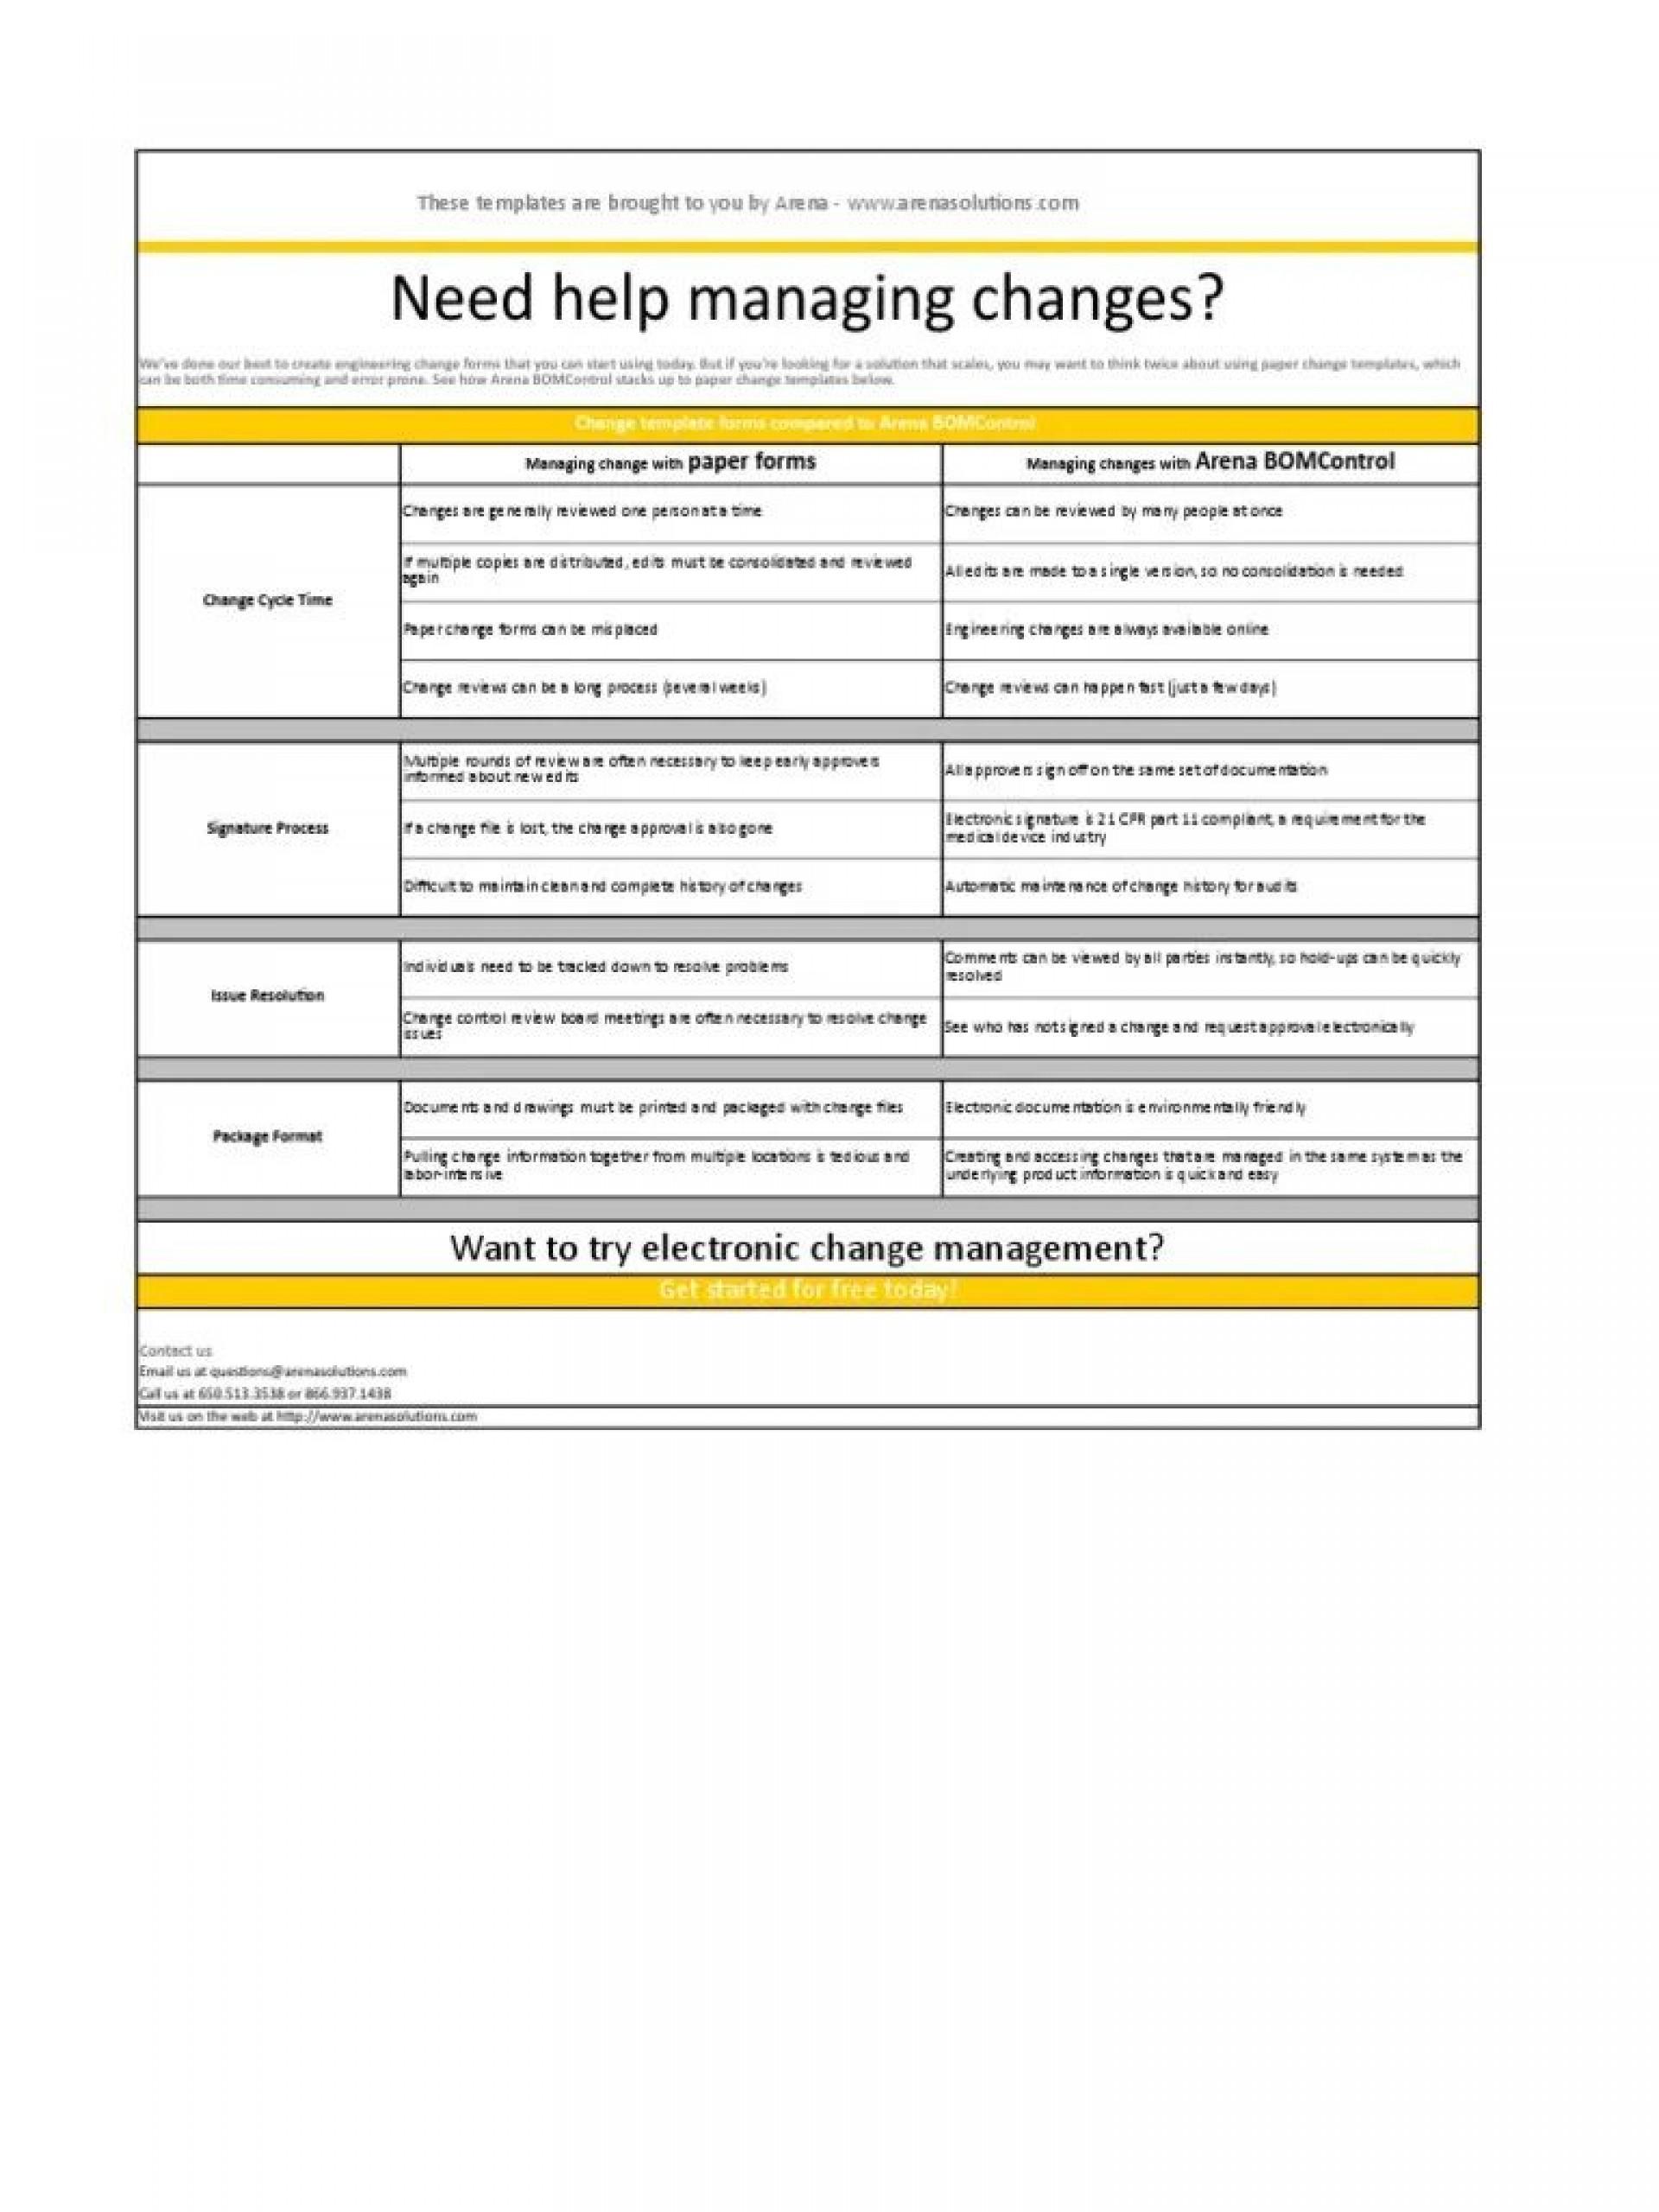 003 Simple Engineering Change Order Template Sample 1920